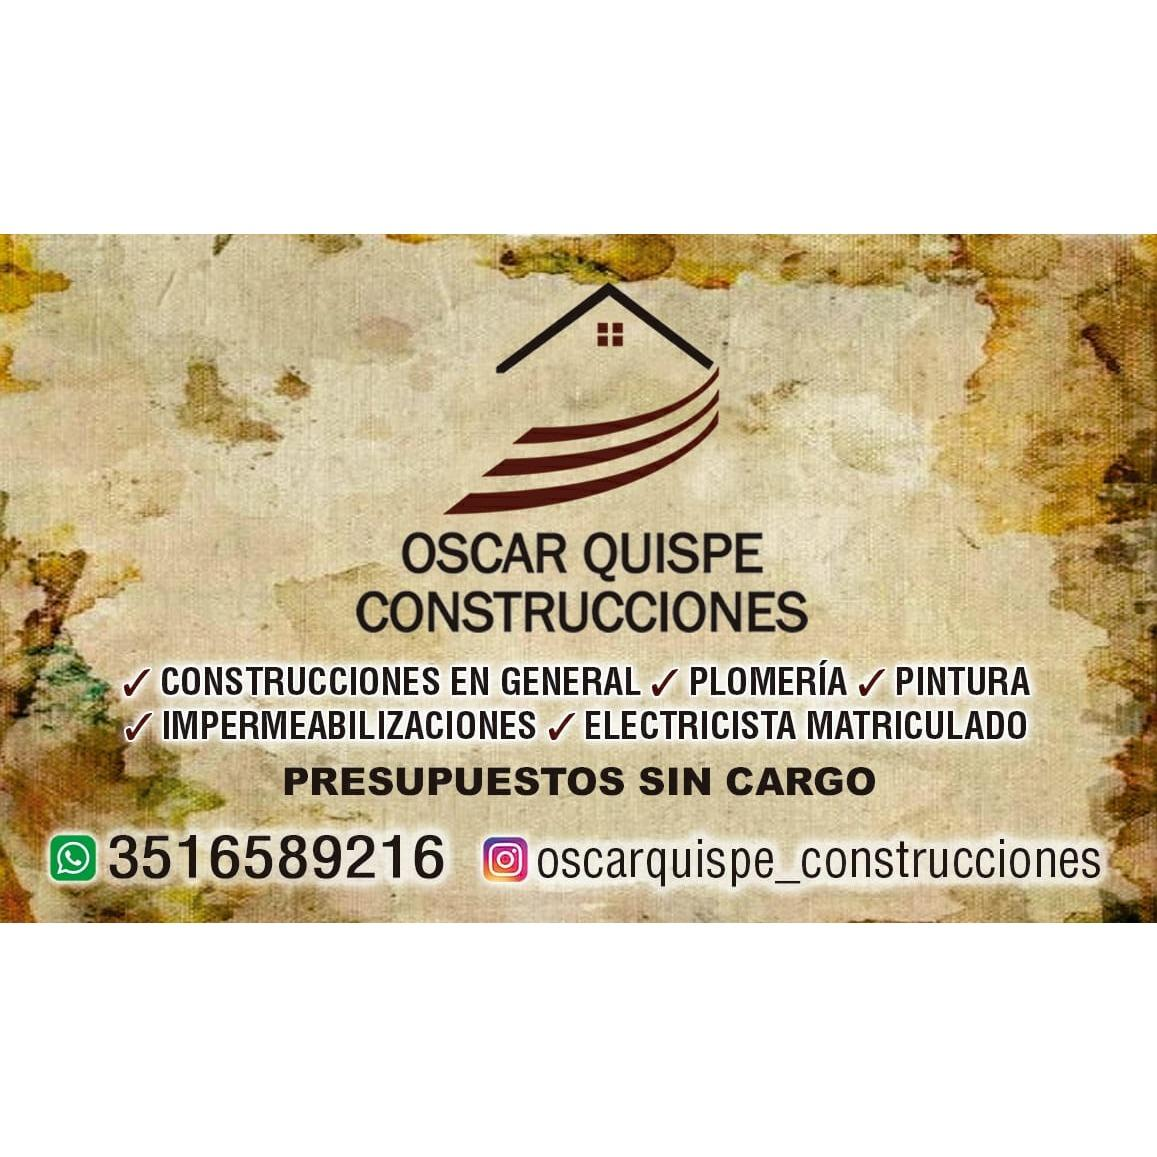 CONSTRUCCIONES - OSCAR QUISPE